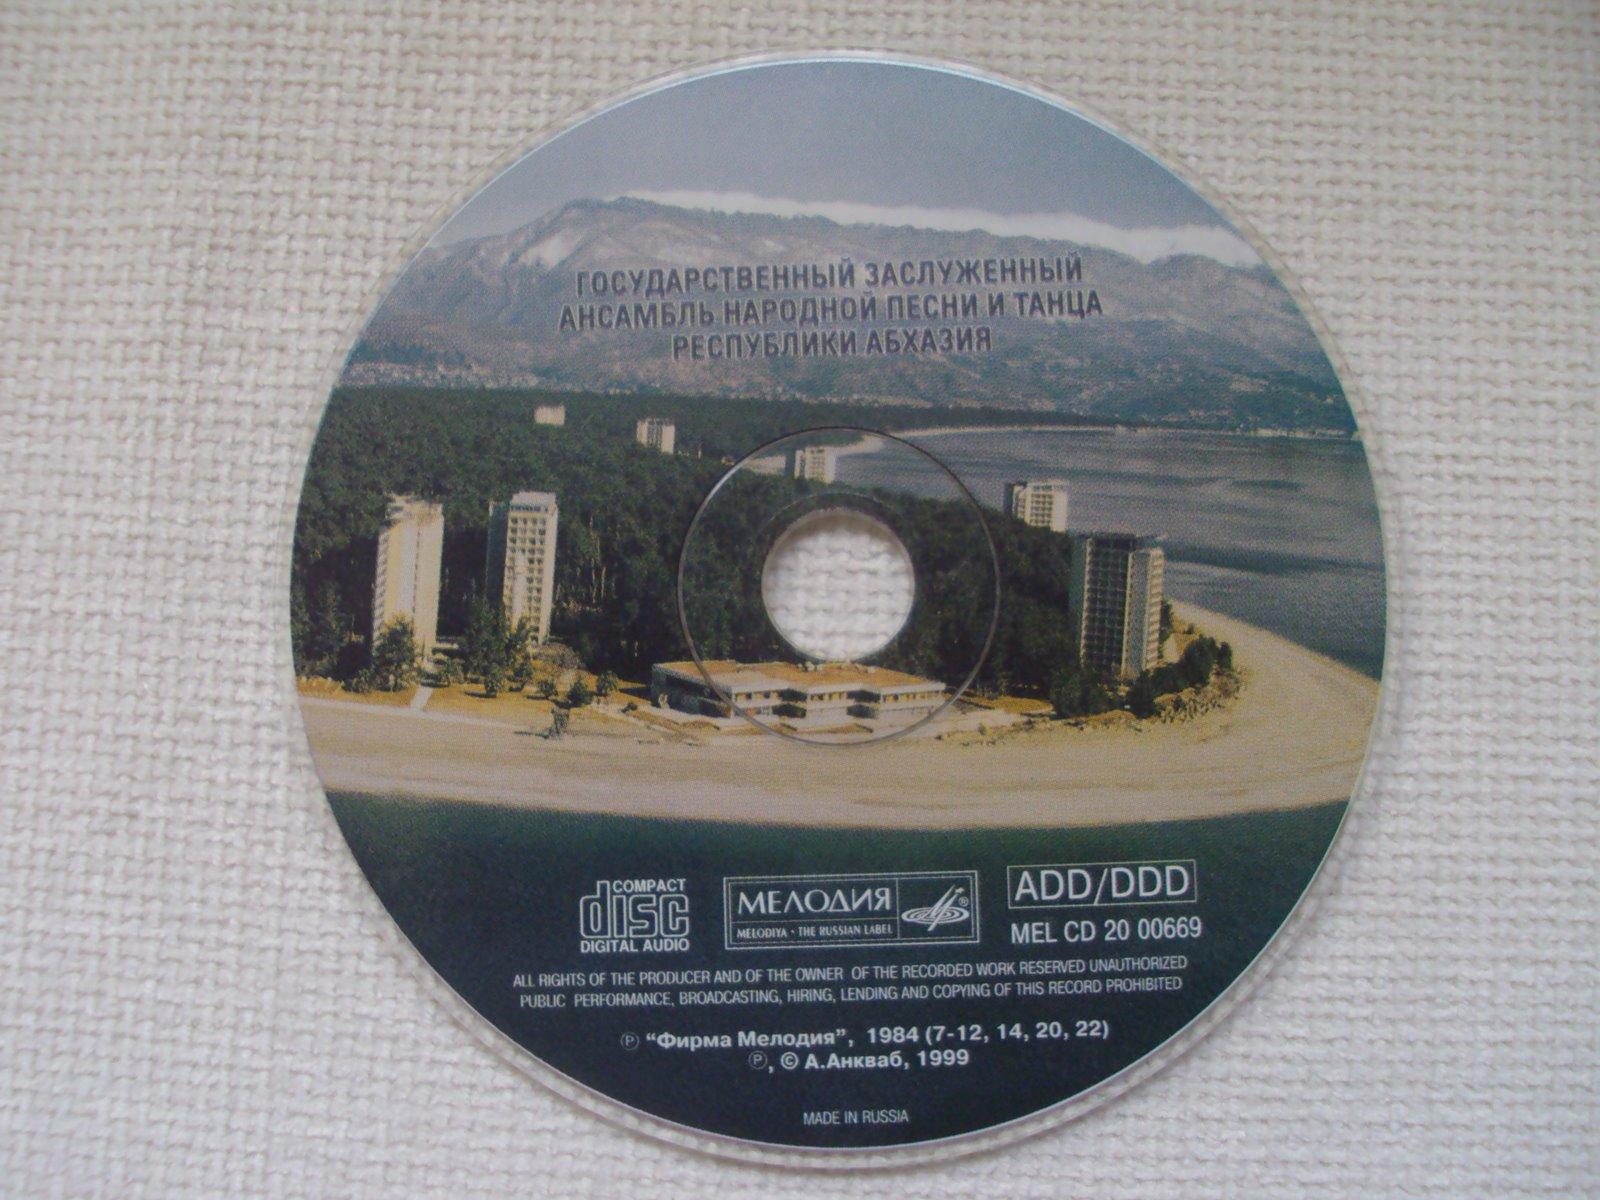 Abhazya Devlet Halk Şarkıları ve Dansları Topluluğu 1999 320kbps